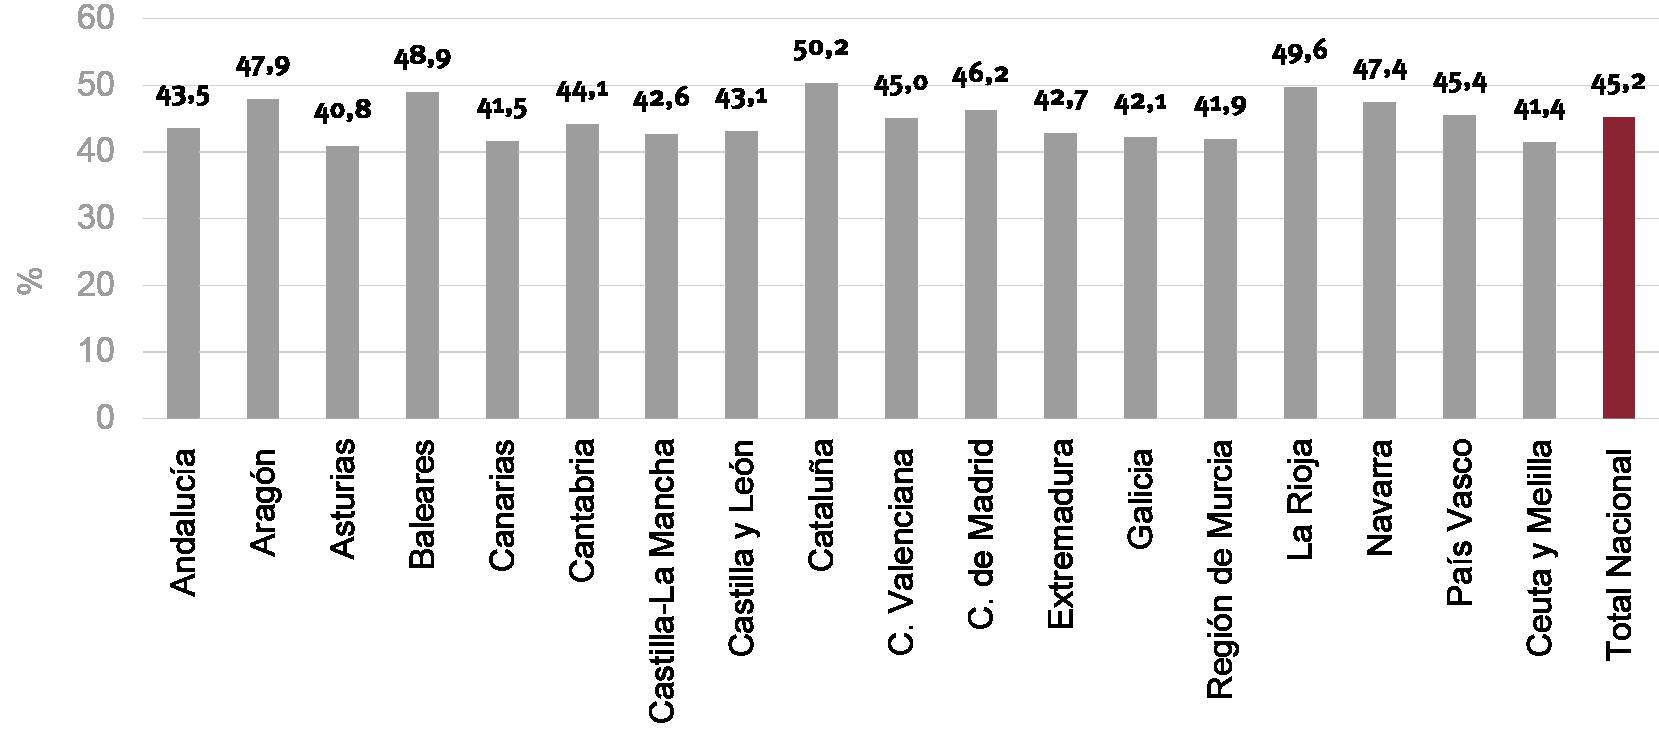 Fig. 4/ Tasa de emancipación de los jóvenes de 16 a 34 años por CC. AA. España, 2018.